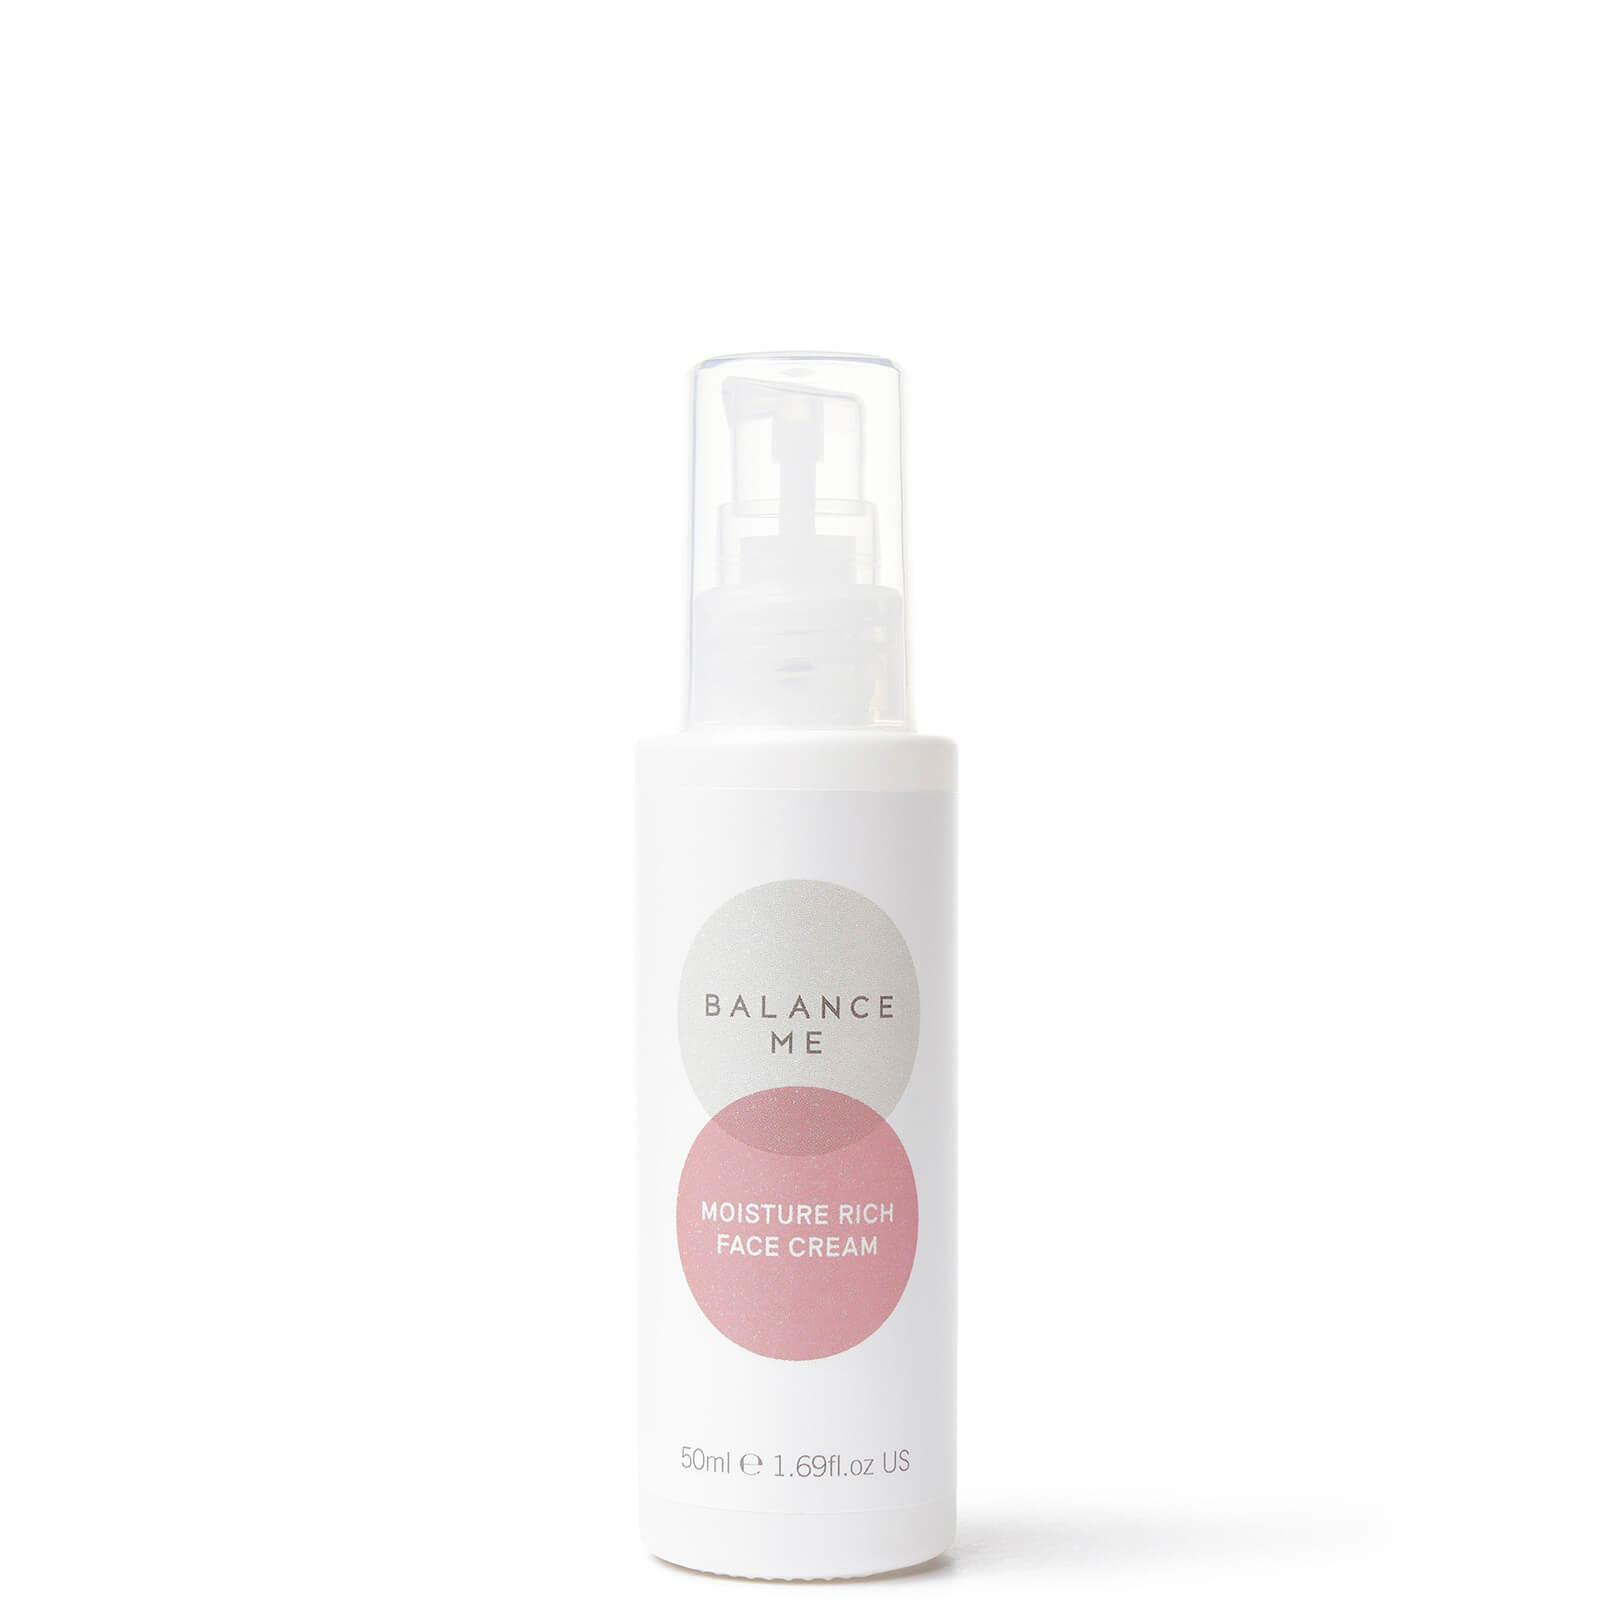 Купить Увлажняющий крем для лица Balance Me Moisture Rich Face Cream 50 мл